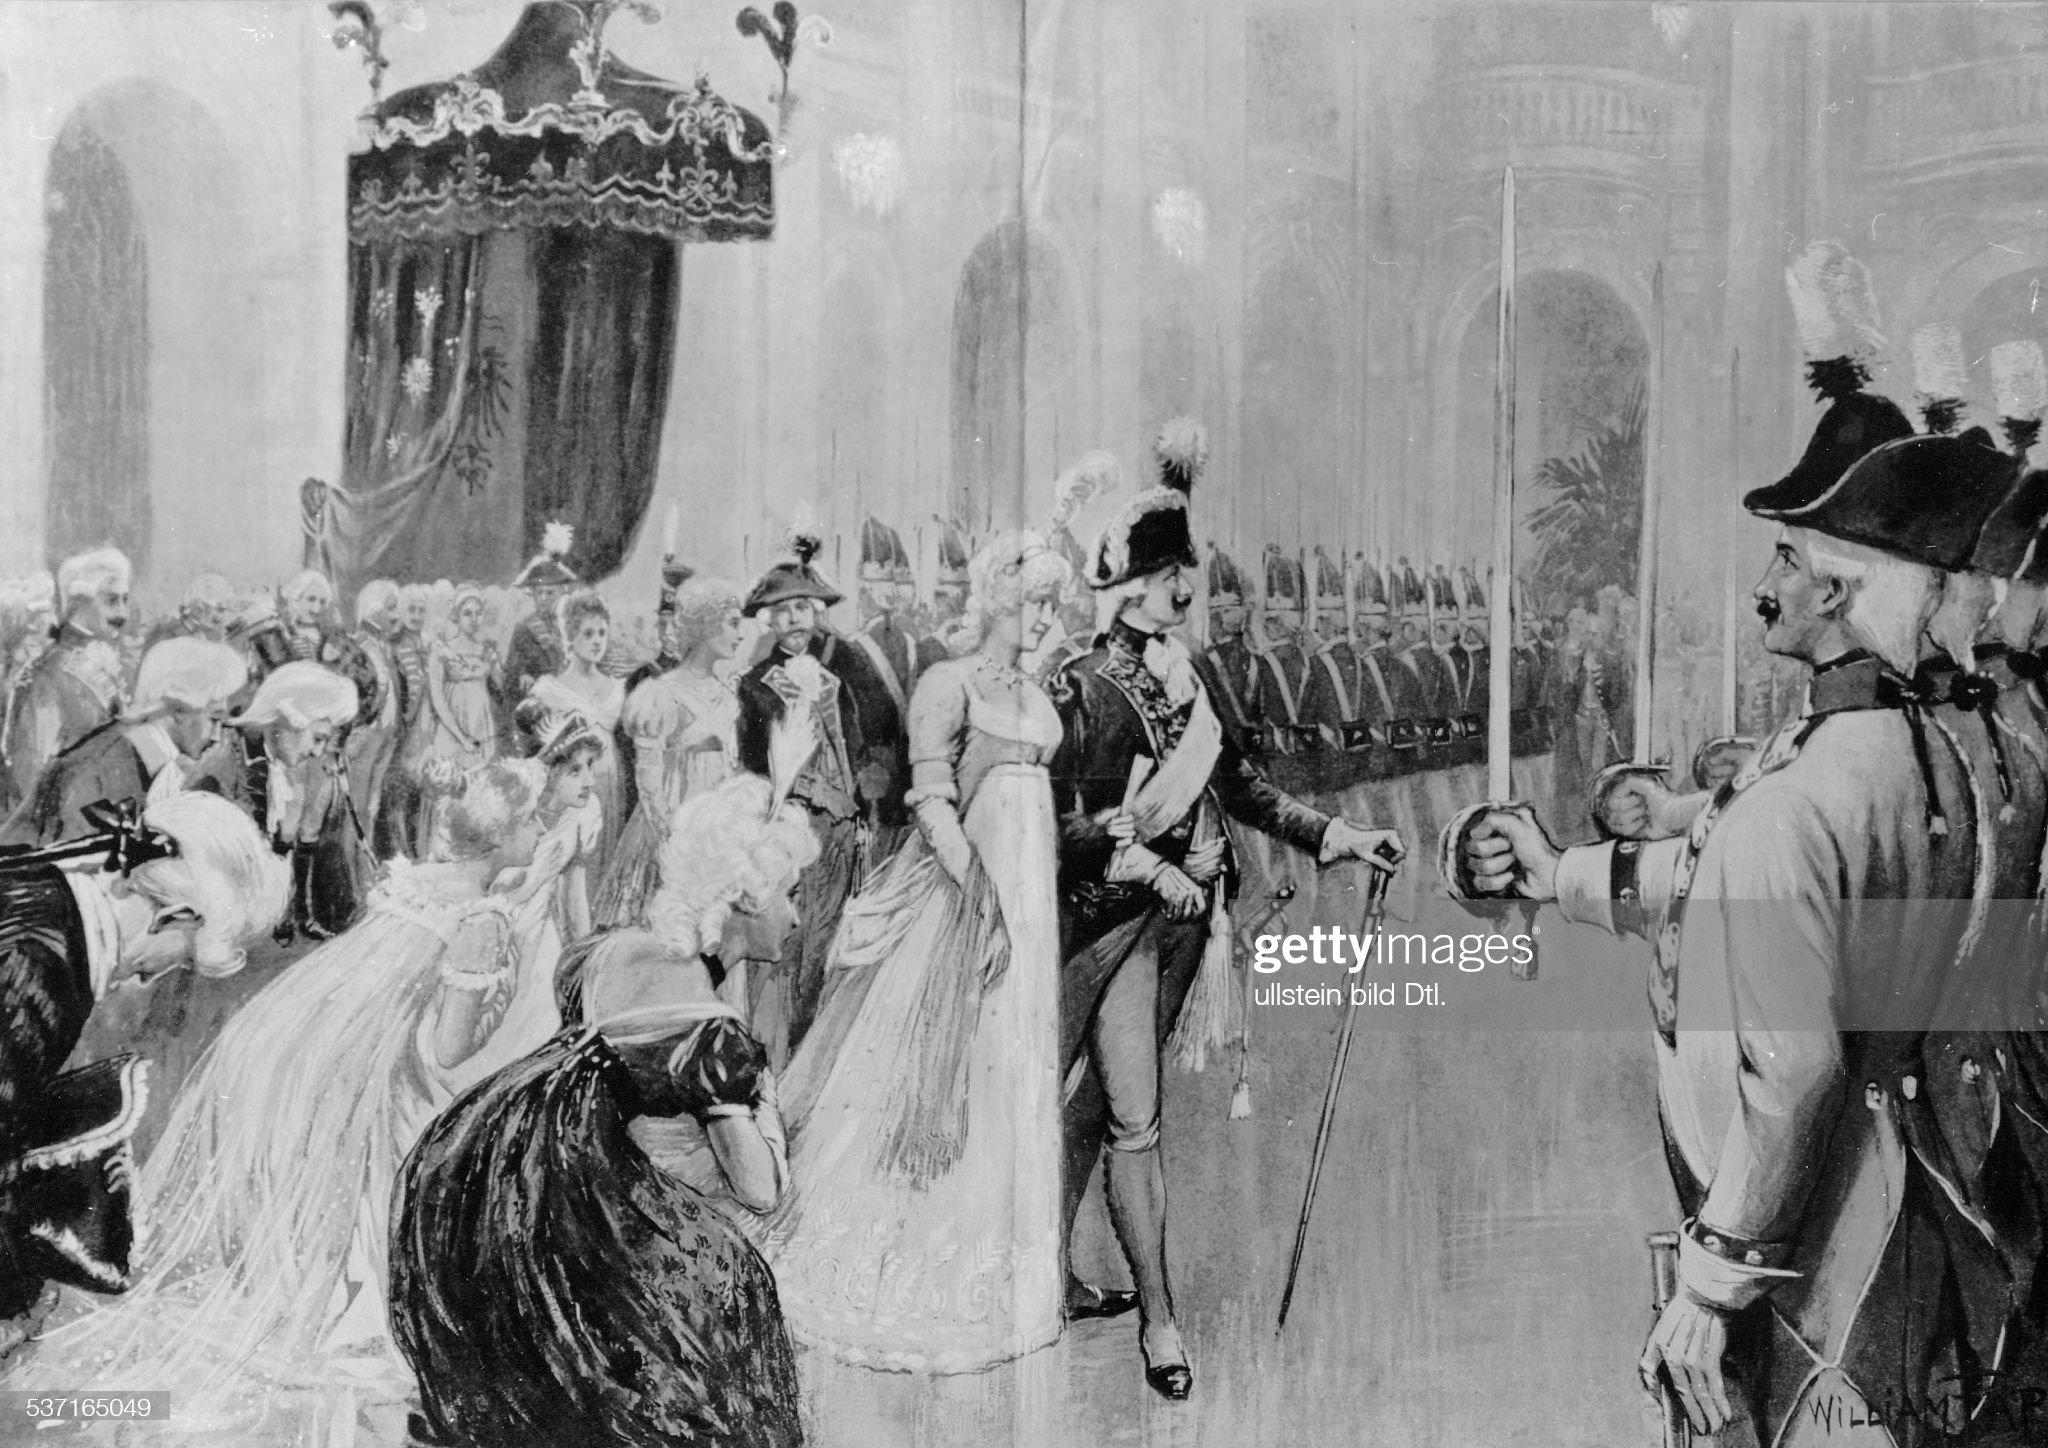 Wilhelm II. - Deutscher Kaiser 1888-1918, mit Auguste Viktoria a.e. Kostuemfest : Nachrichtenfoto